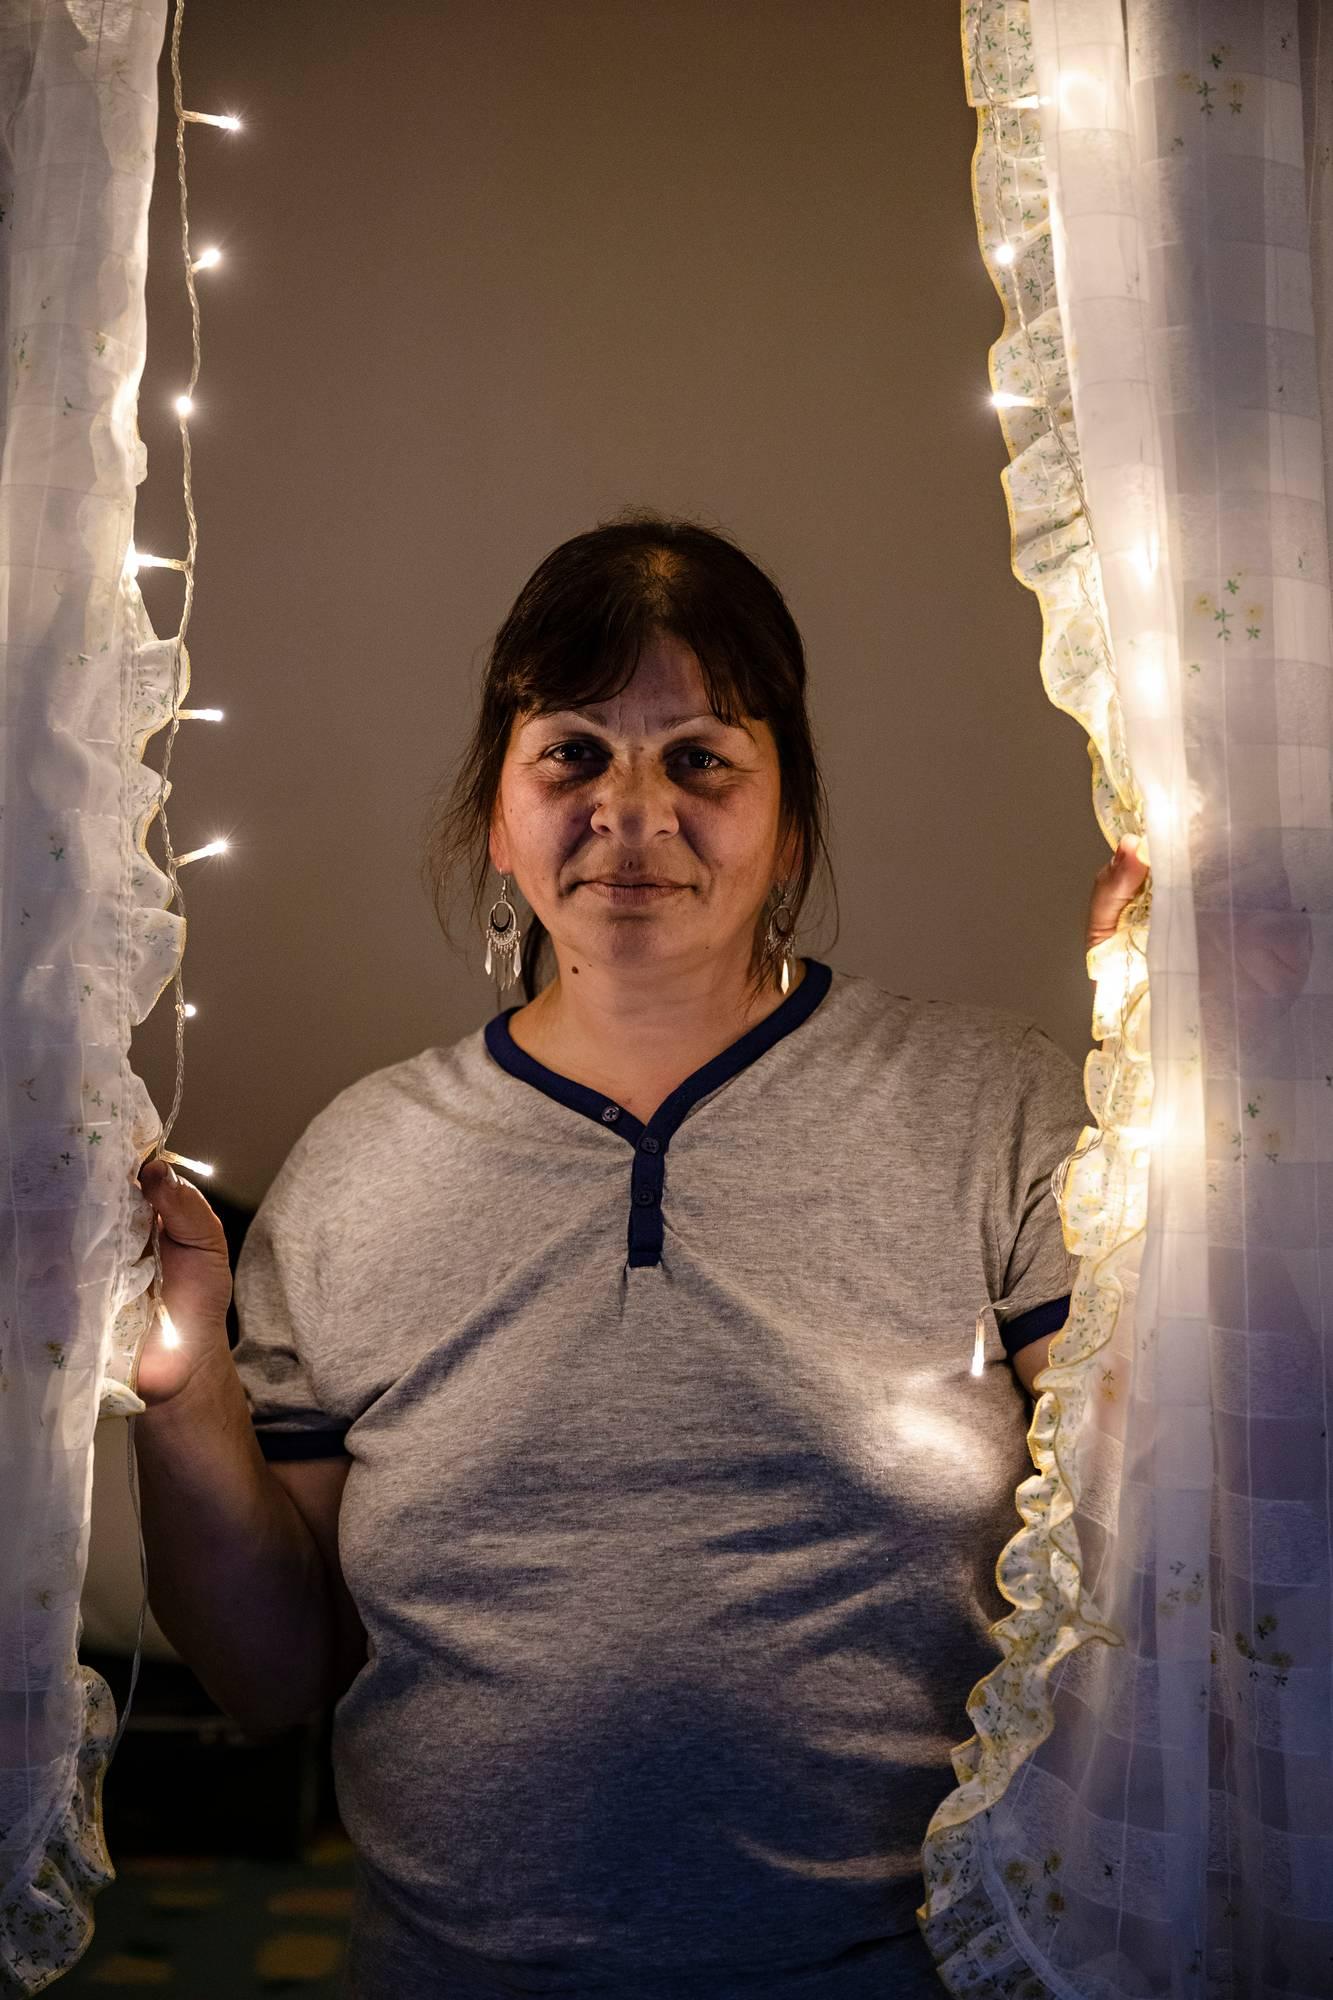 Elena Dima on löytänyt roskiksesta verhot ja toimivat jouluvalot, jotka hän on ripustanut alkovinsa eteen. Ennen hätämajoituksen avautumista hän yöpyi ulkona kuten muutkin. Metsään Dima ei kuitenkaan leiriytynyt, sillä hän pelkää pimeää.